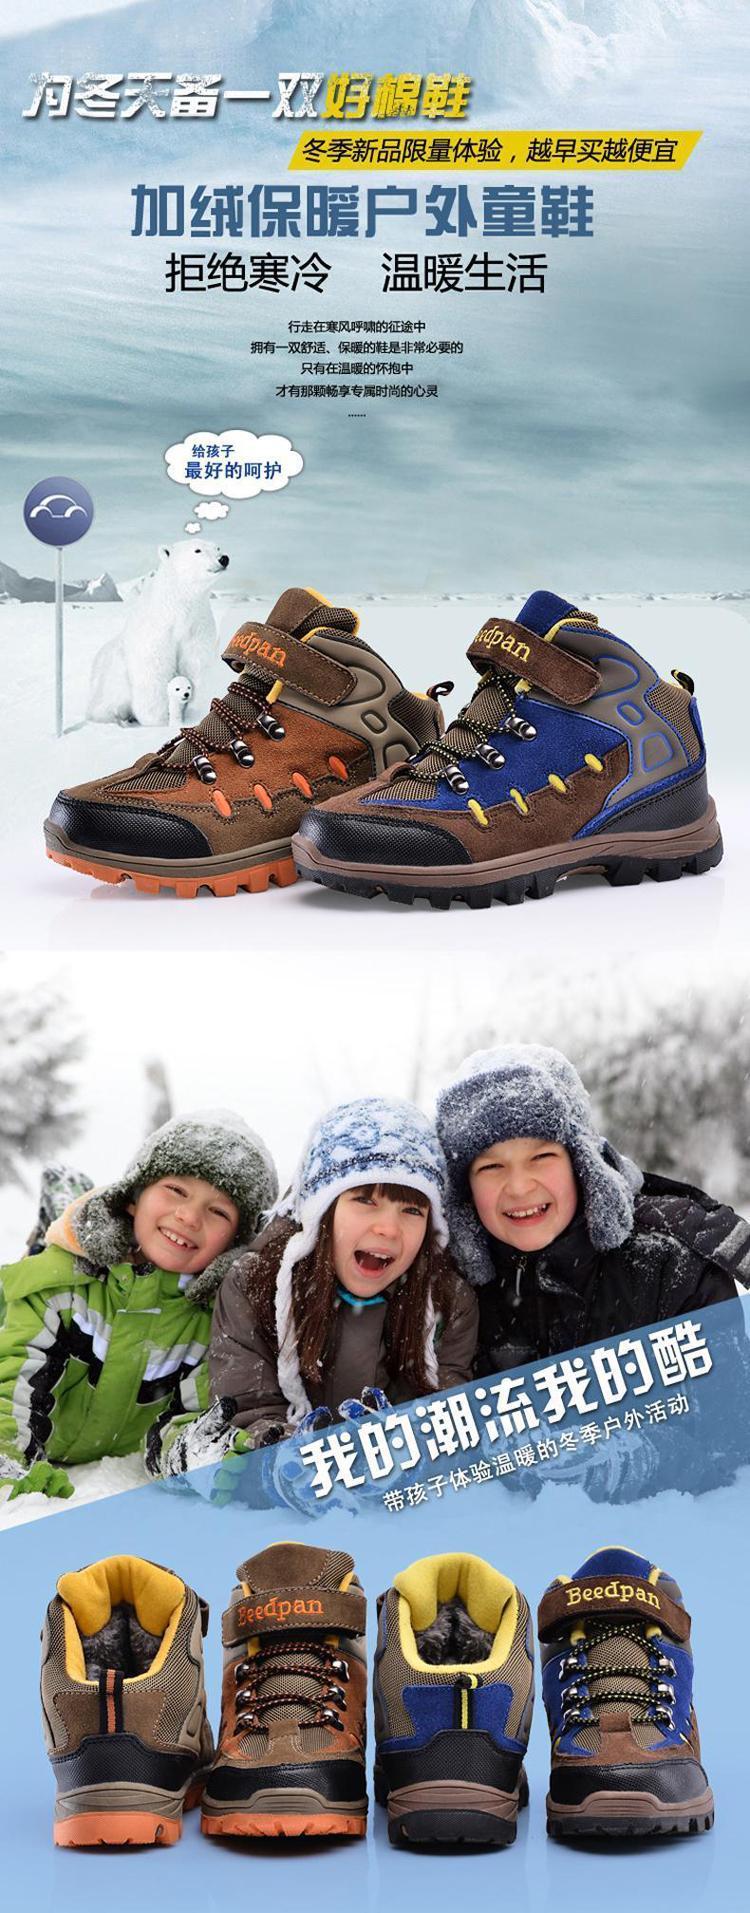 大童雪地鞋图片